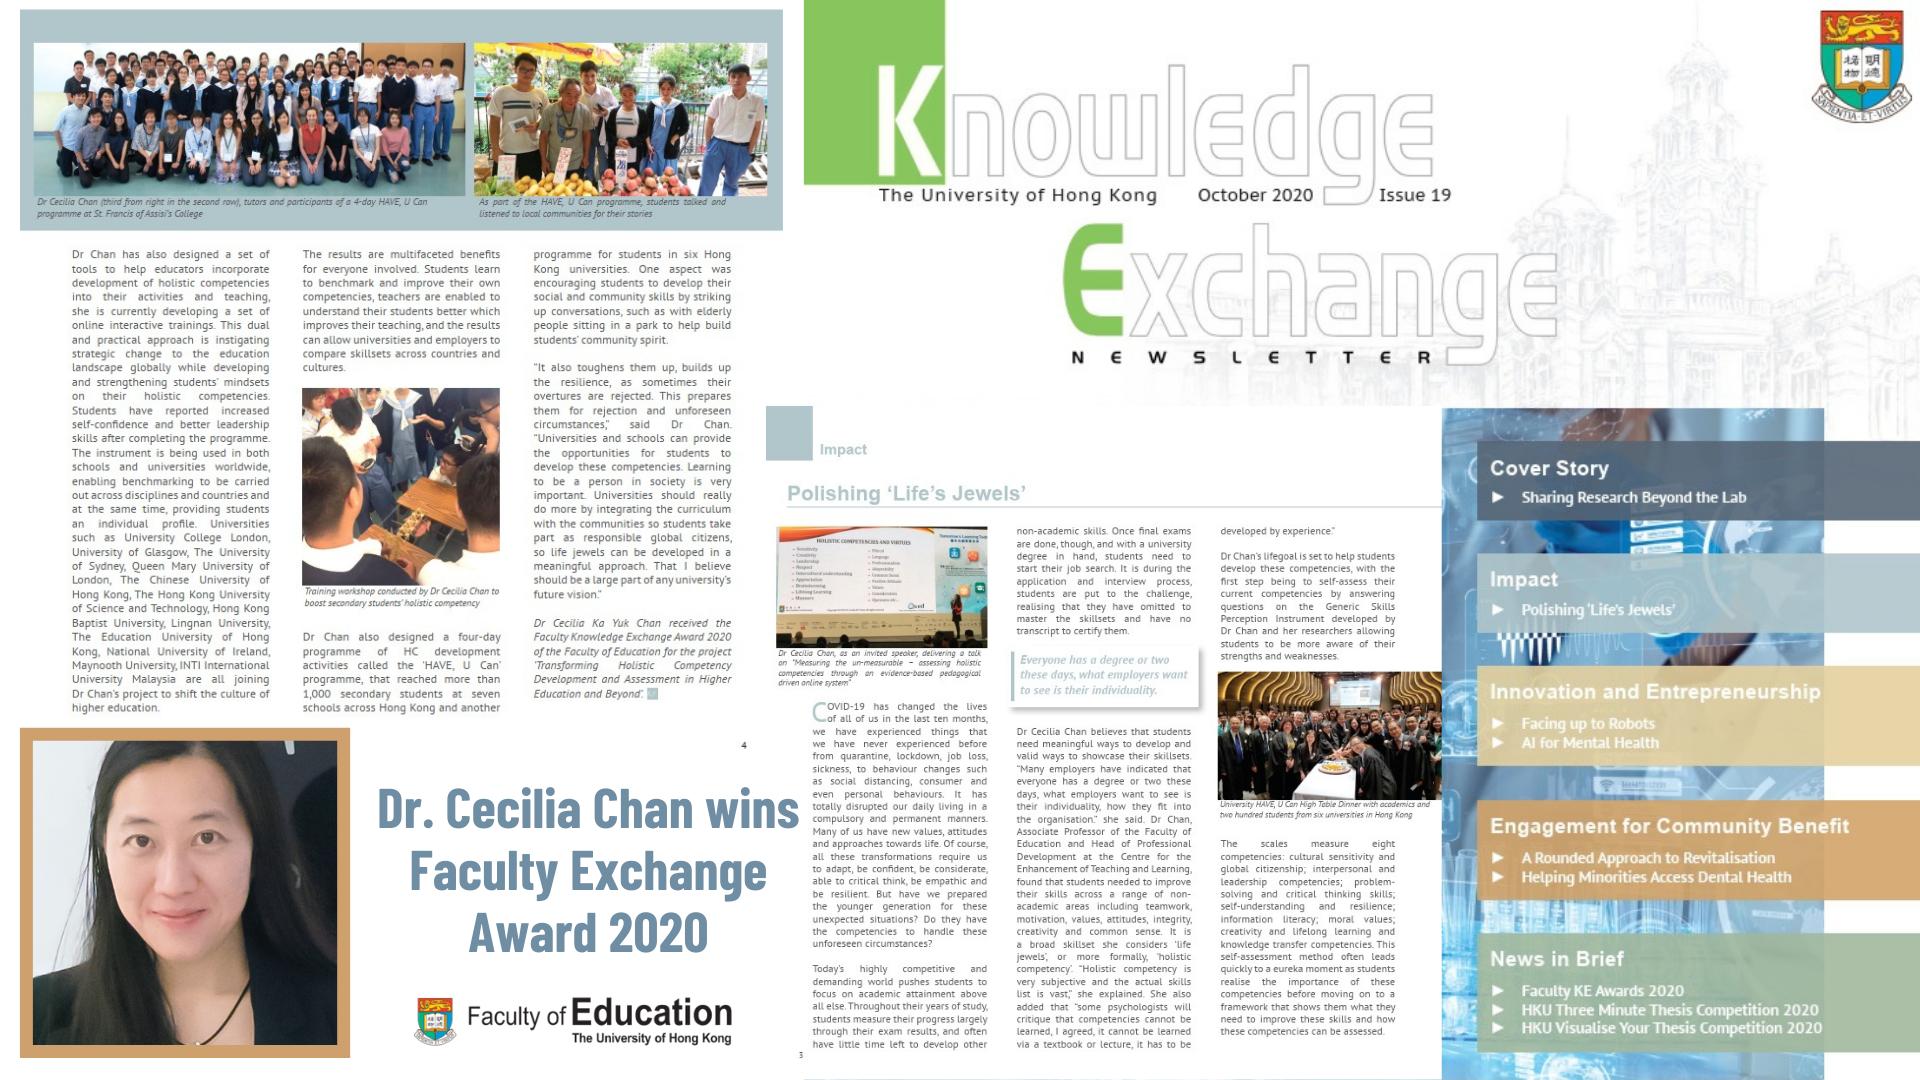 KE award 2020